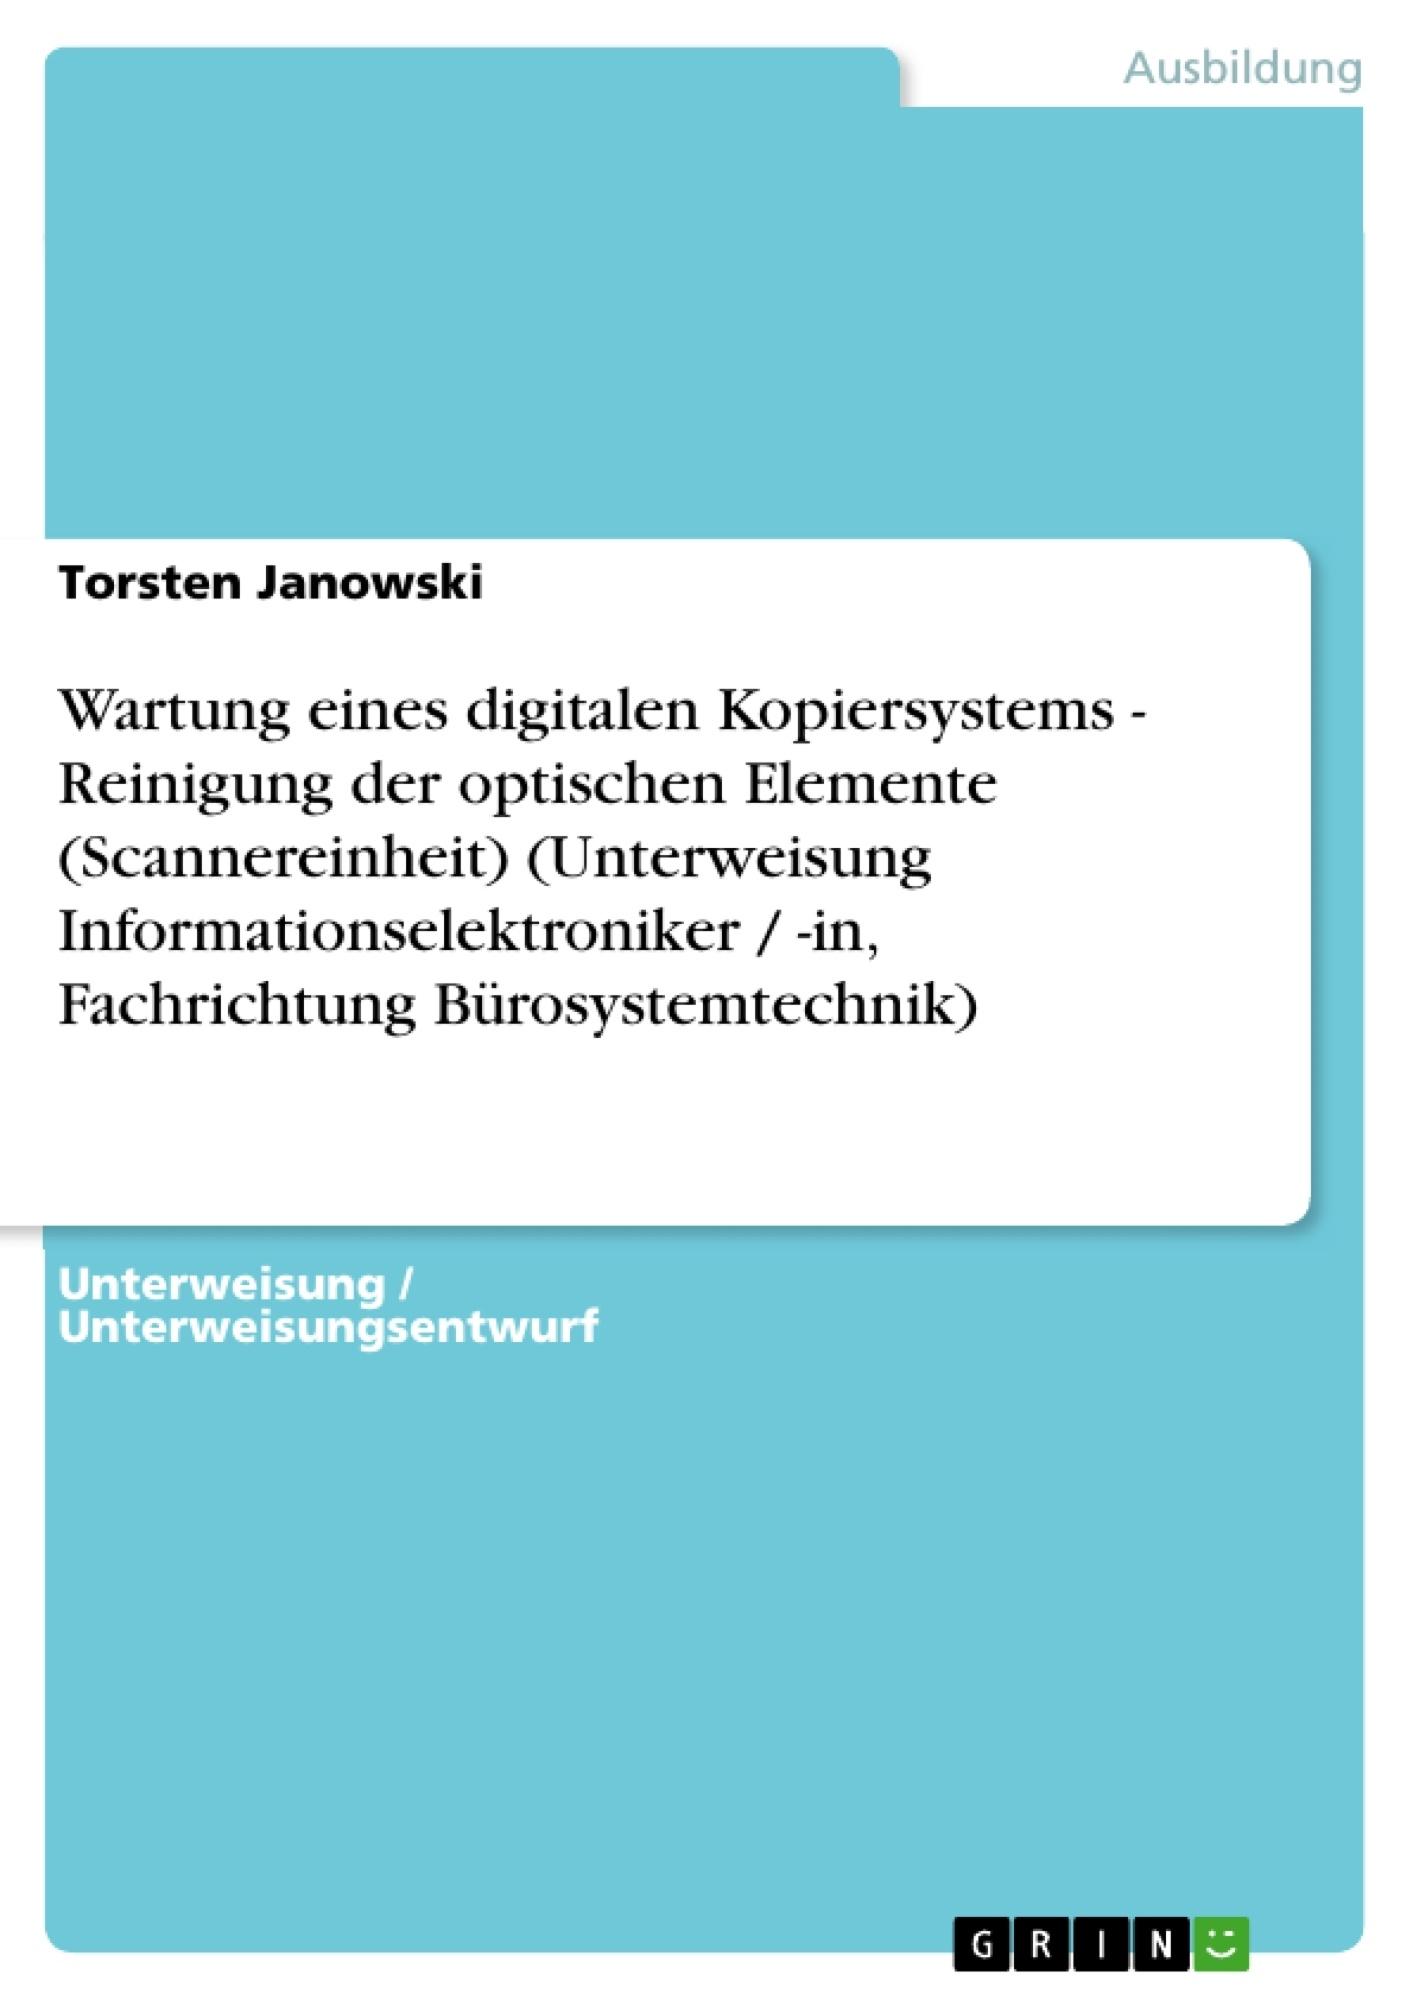 Titel: Wartung eines digitalen Kopiersystems - Reinigung der optischen Elemente (Scannereinheit) (Unterweisung Informationselektroniker / -in, Fachrichtung Bürosystemtechnik)